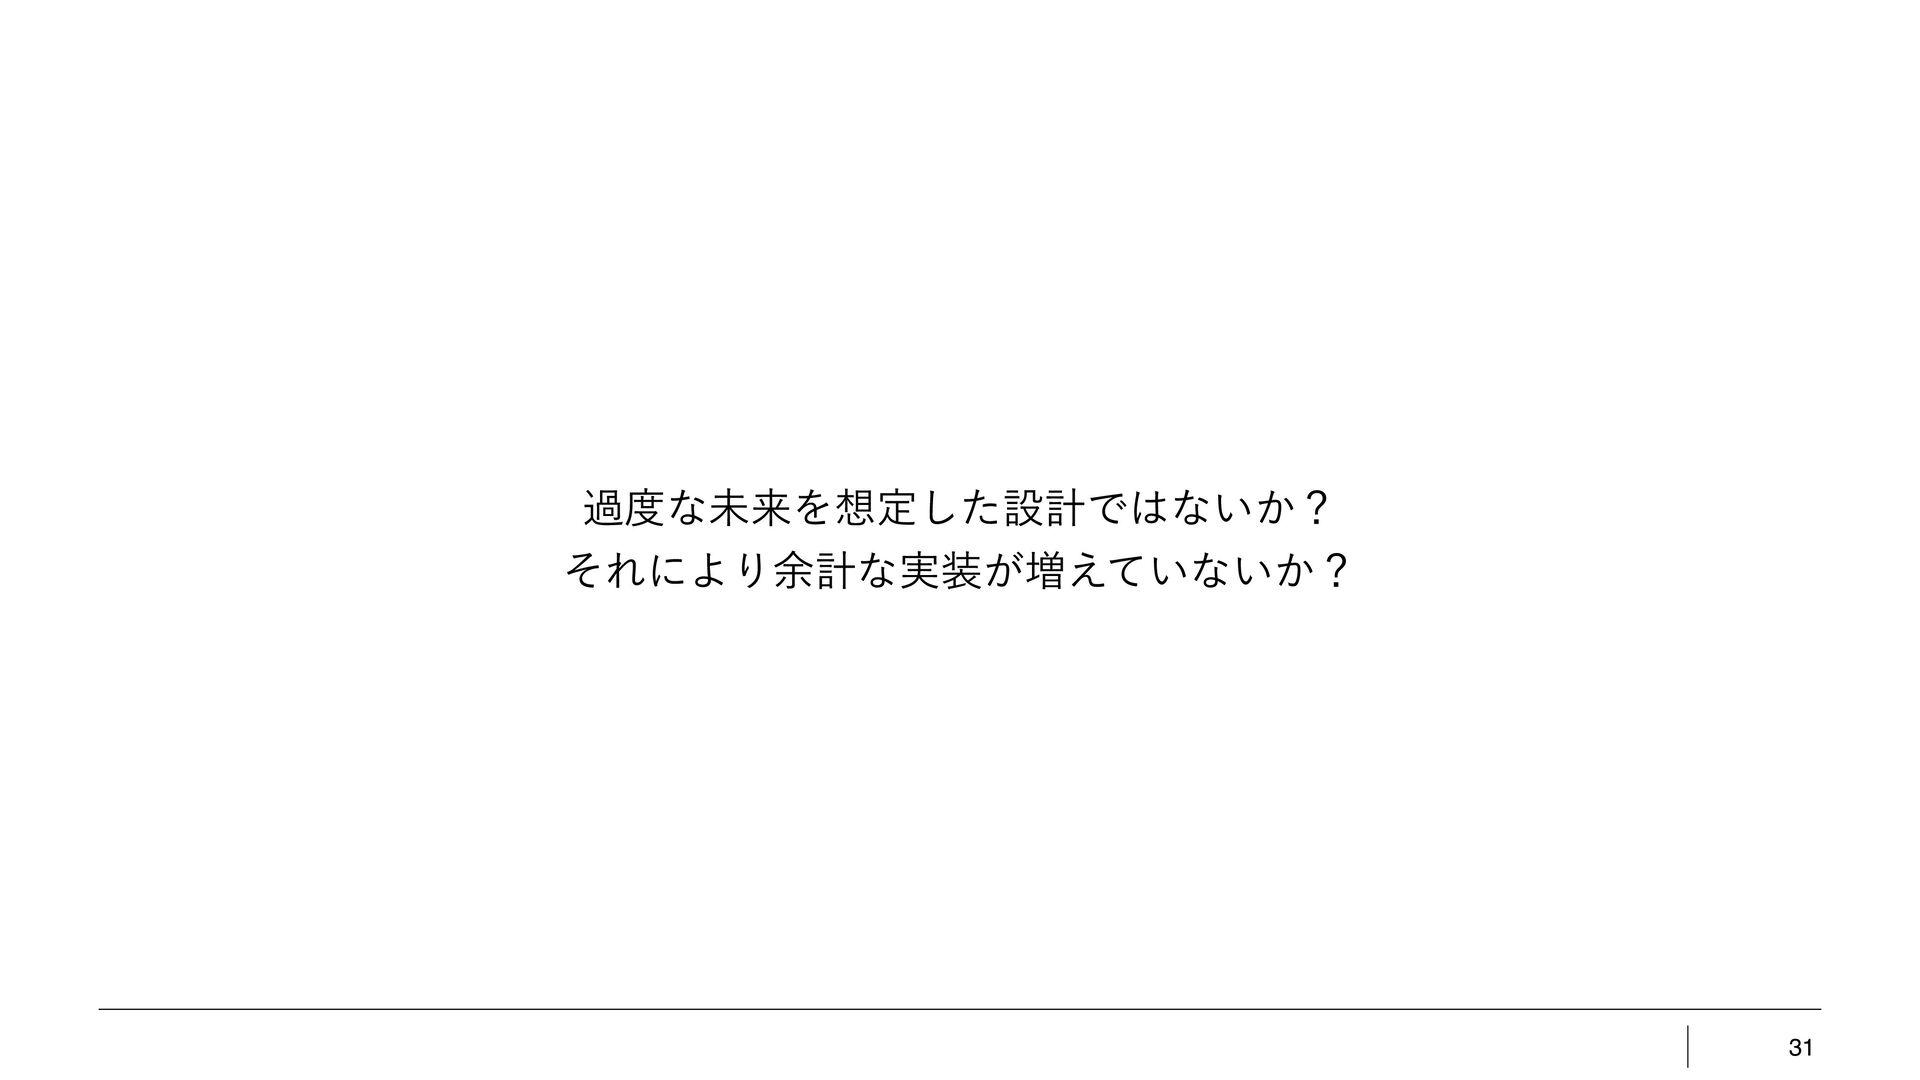 31 աͳະདྷΛఆͨ͠ઃܭͰͳ͍͔ʁ ͦΕʹΑΓ༨ܭͳ࣮͕૿͍͑ͯͳ͍͔ʁ